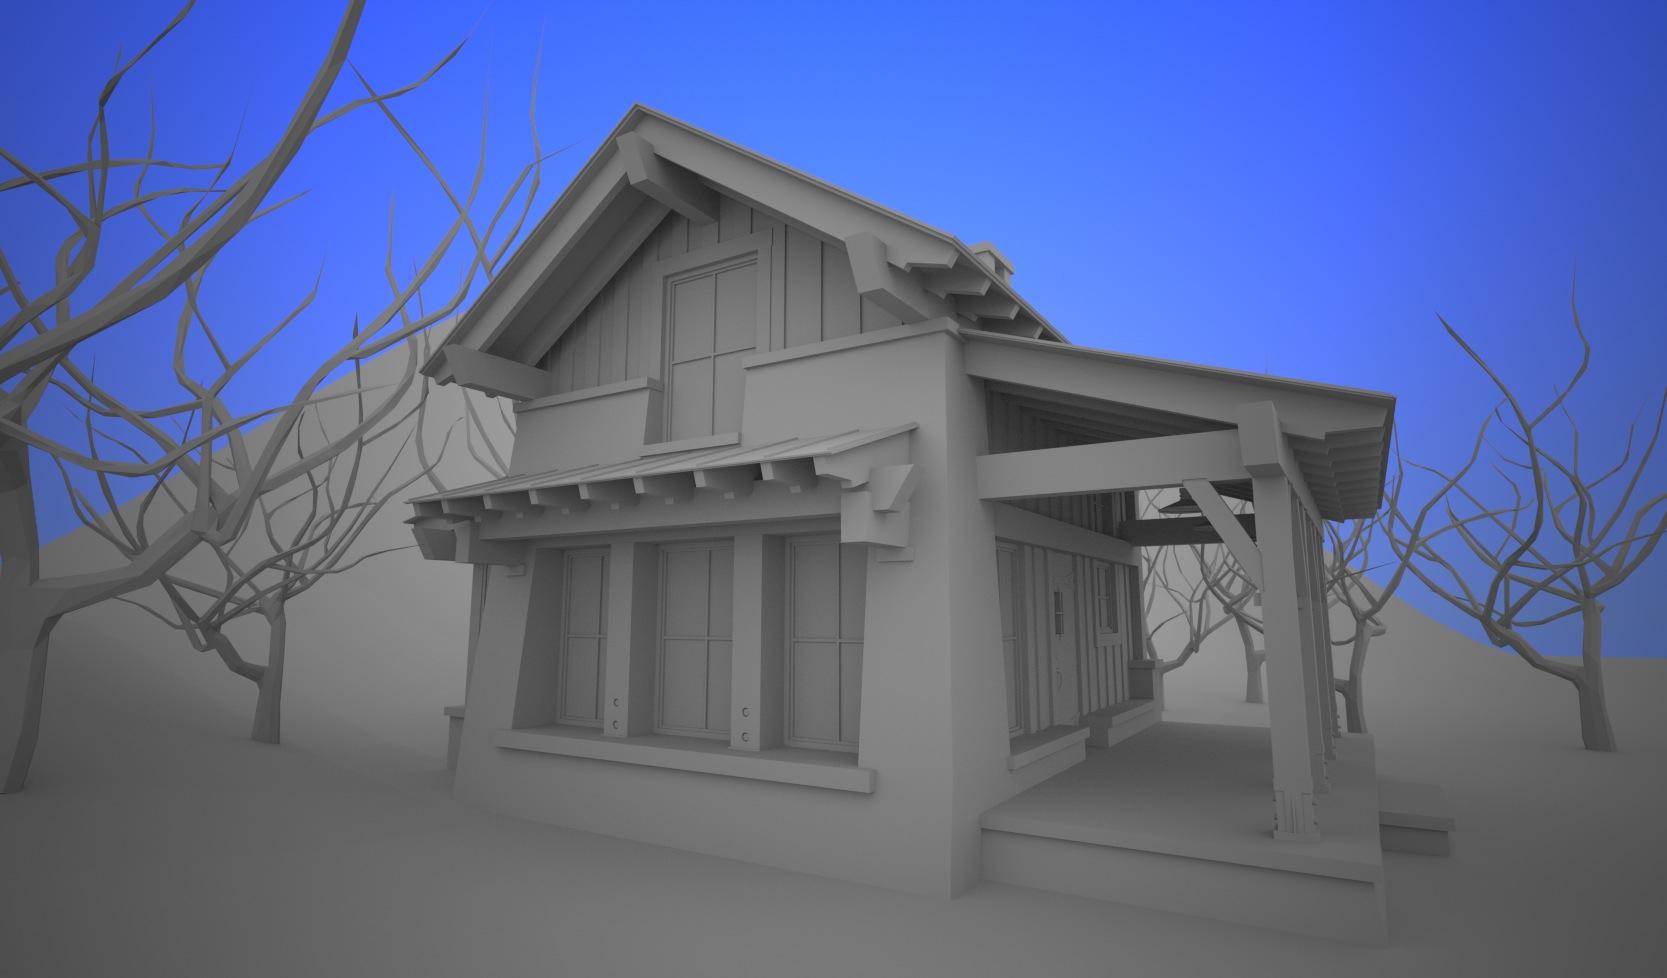 Colorado mountain cabin passive solar architect - 7.jpg